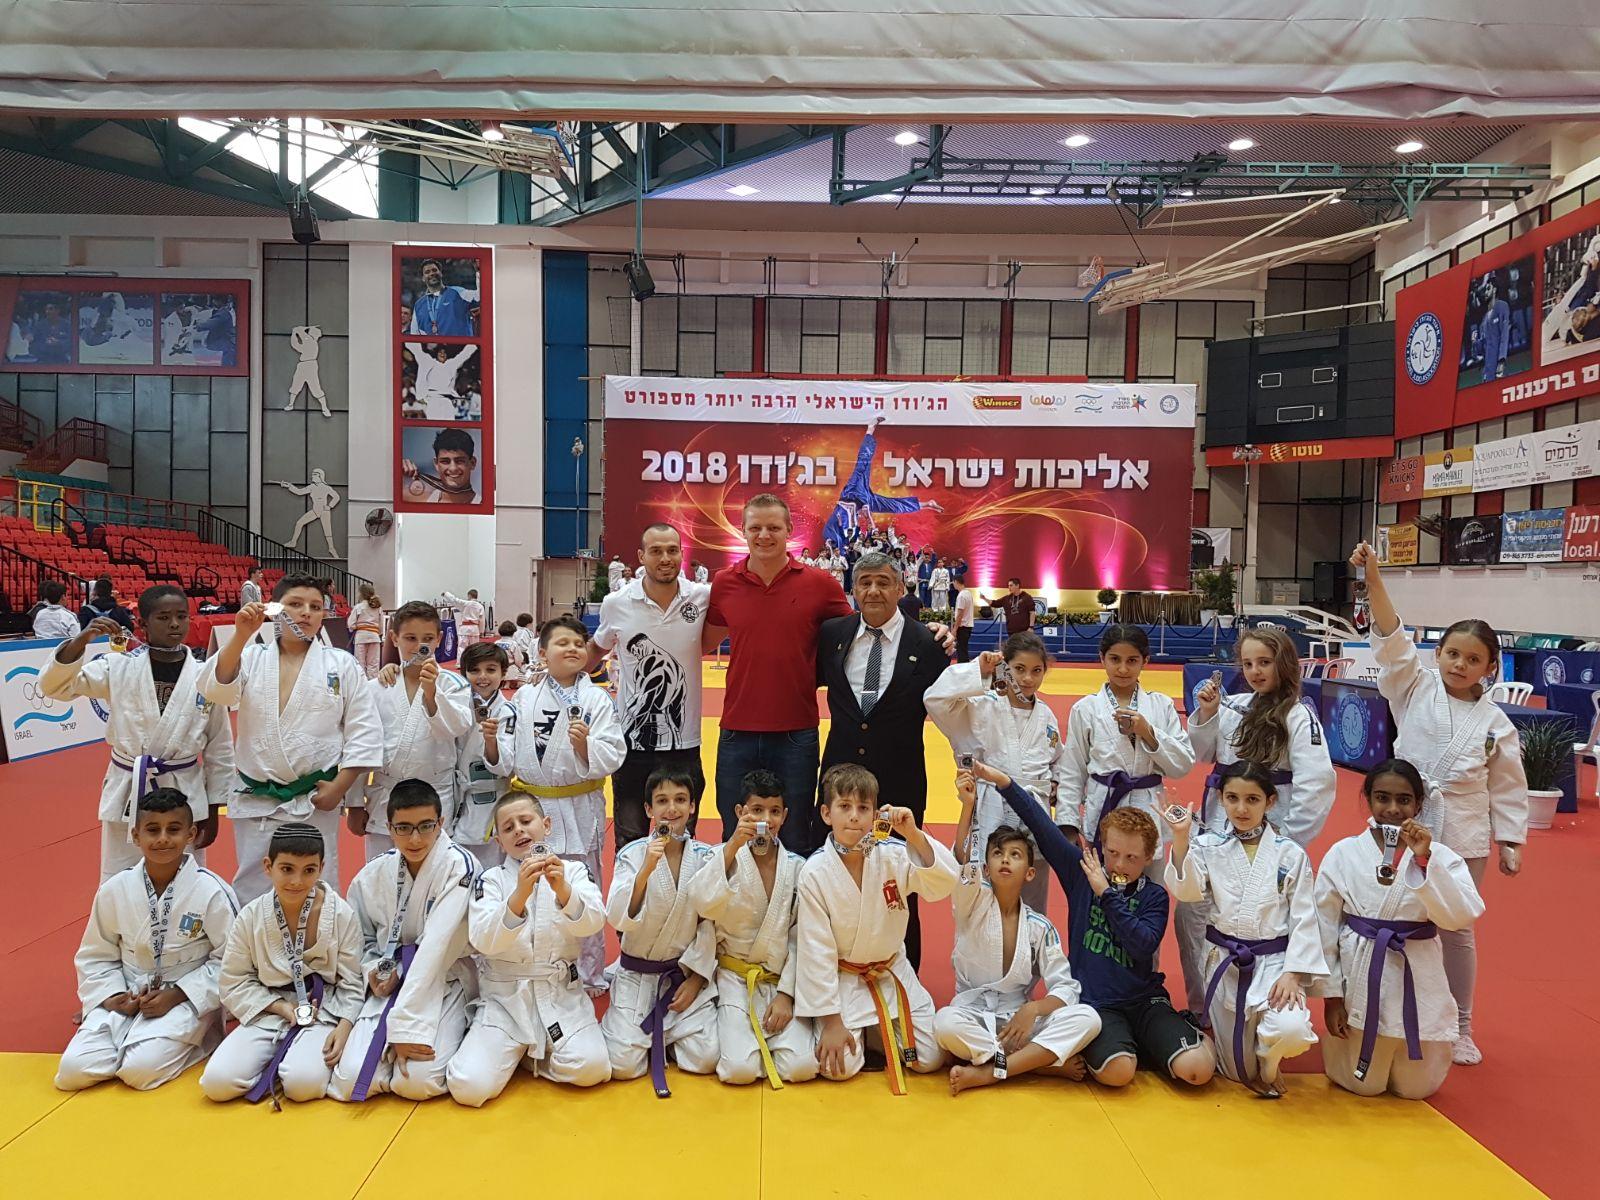 """אלופי ישראל בג'ודו ממועדון """"עצמה האתלט ג'ודוקאן ראשל""""צ"""""""